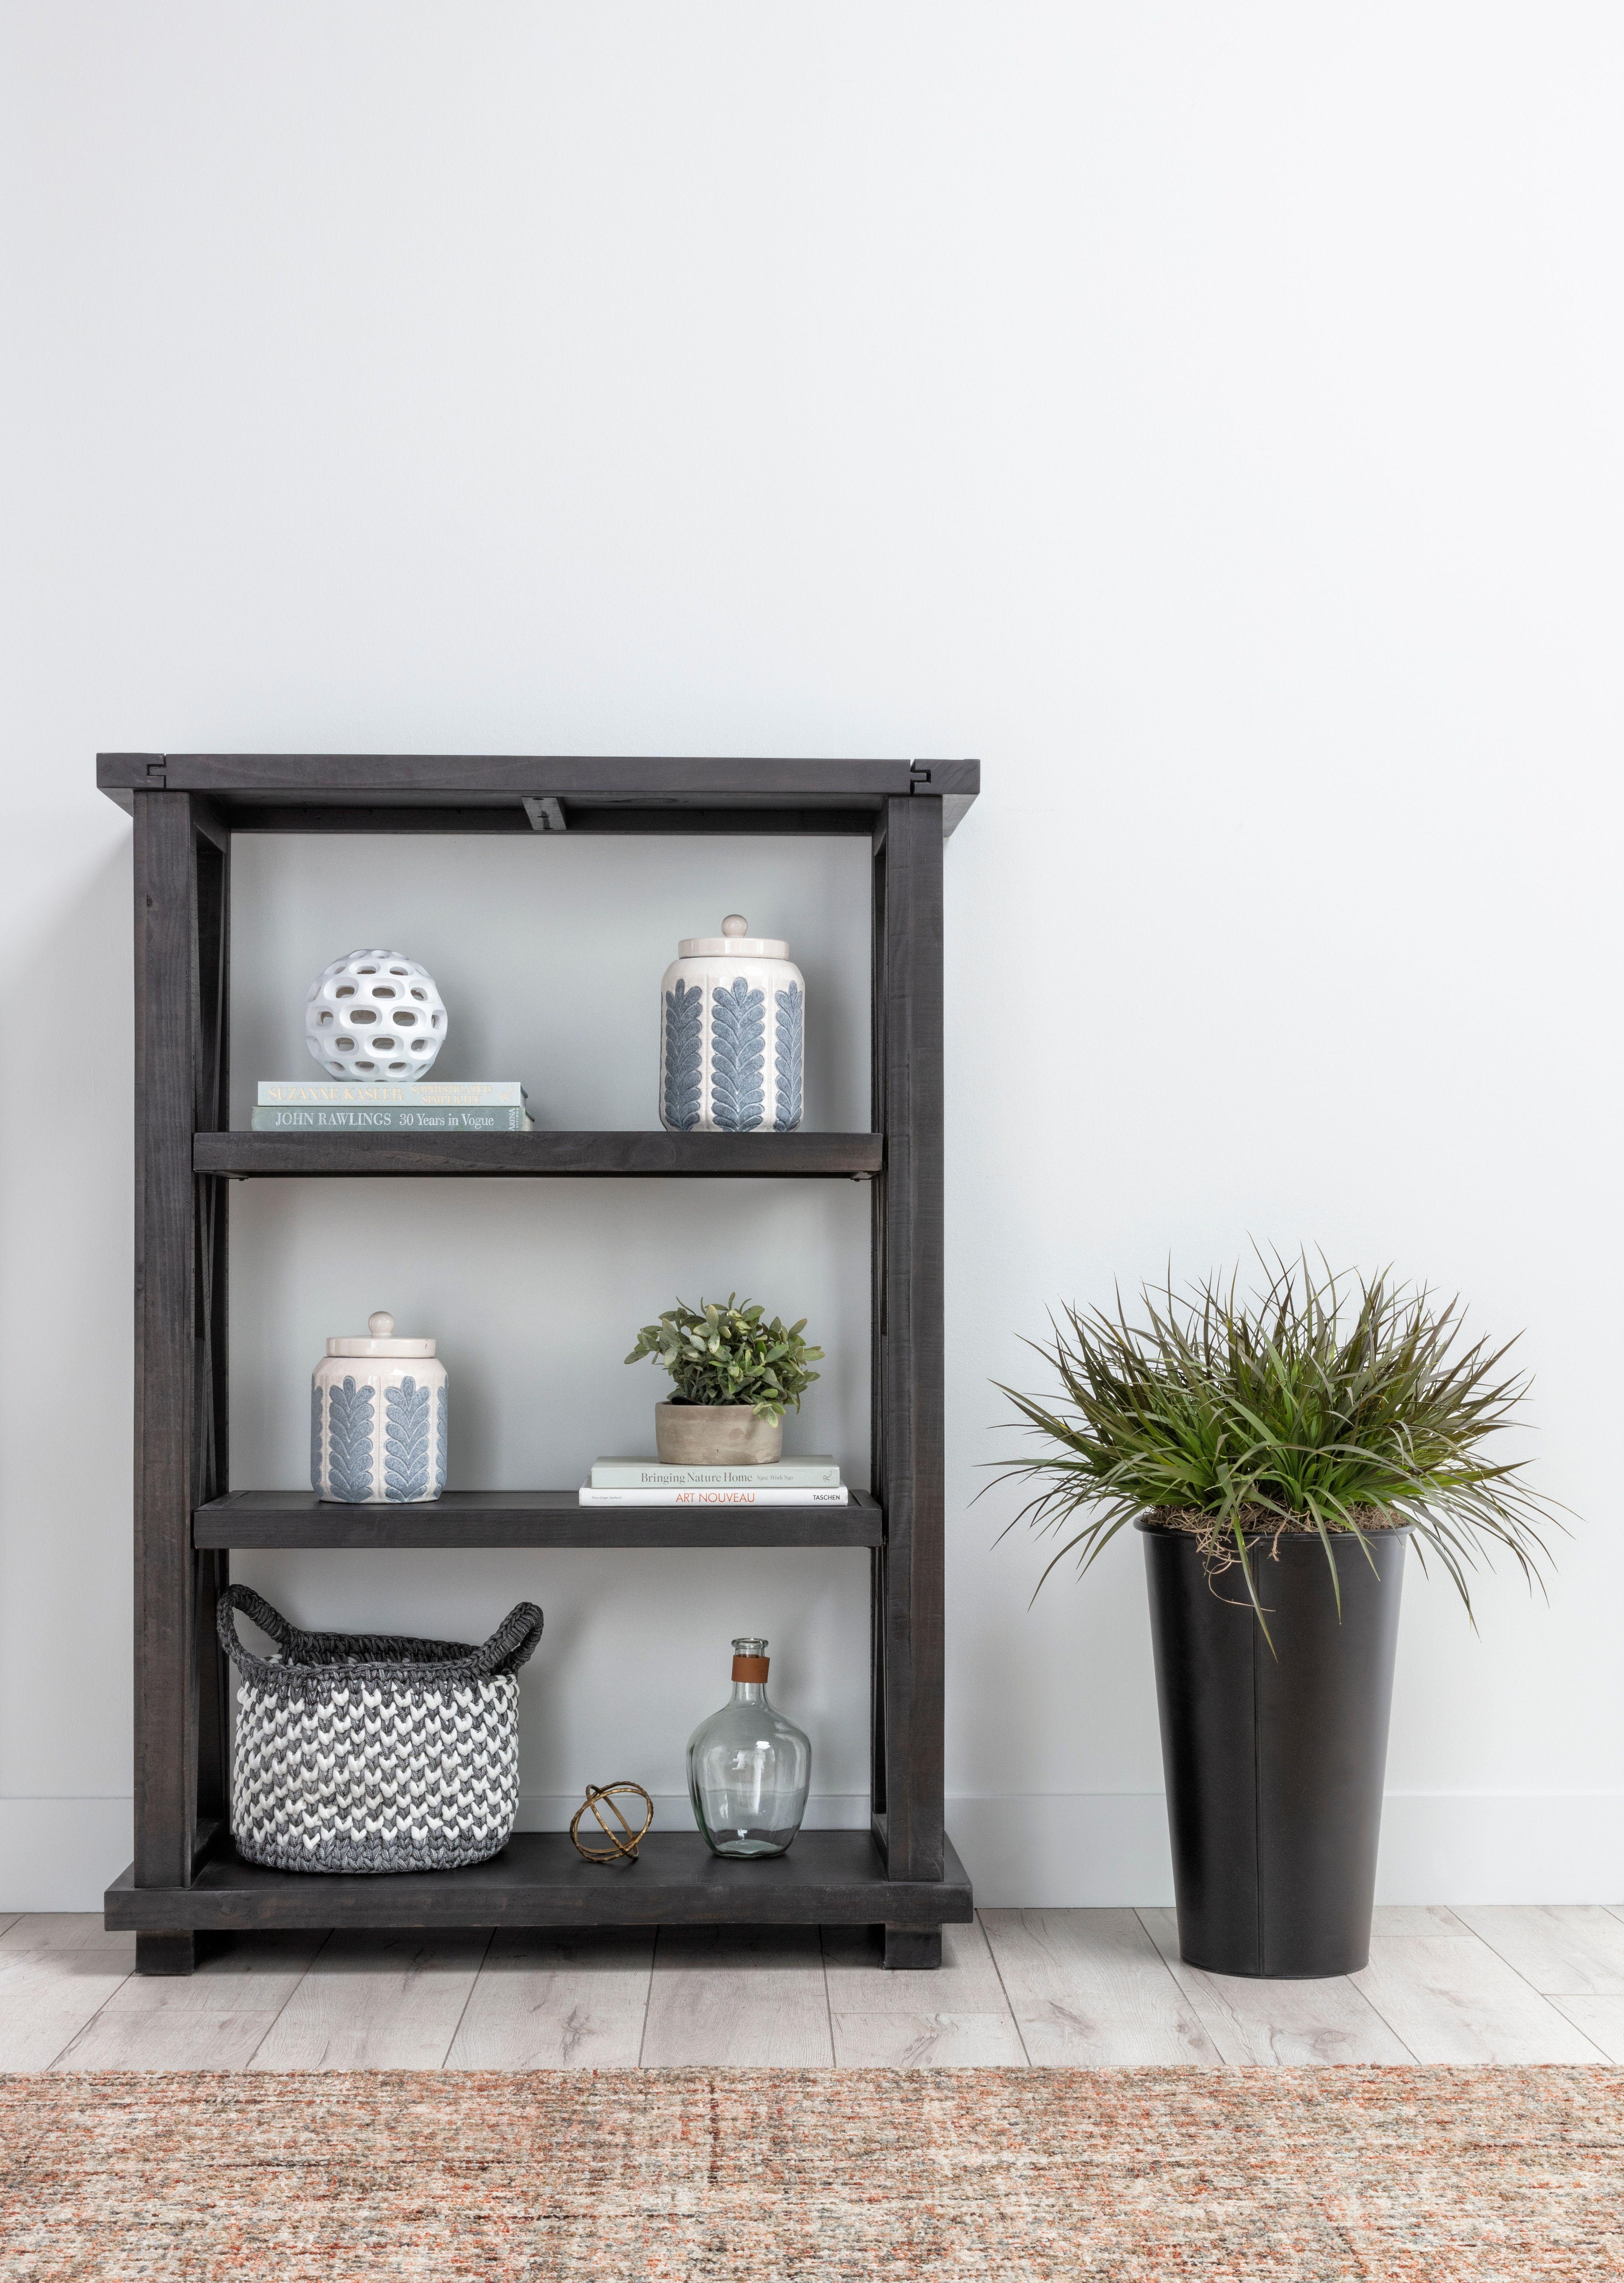 Jaxon 54 Inch Bookcase In 2020 Bookcase Accent Decor Farmhouse Decor